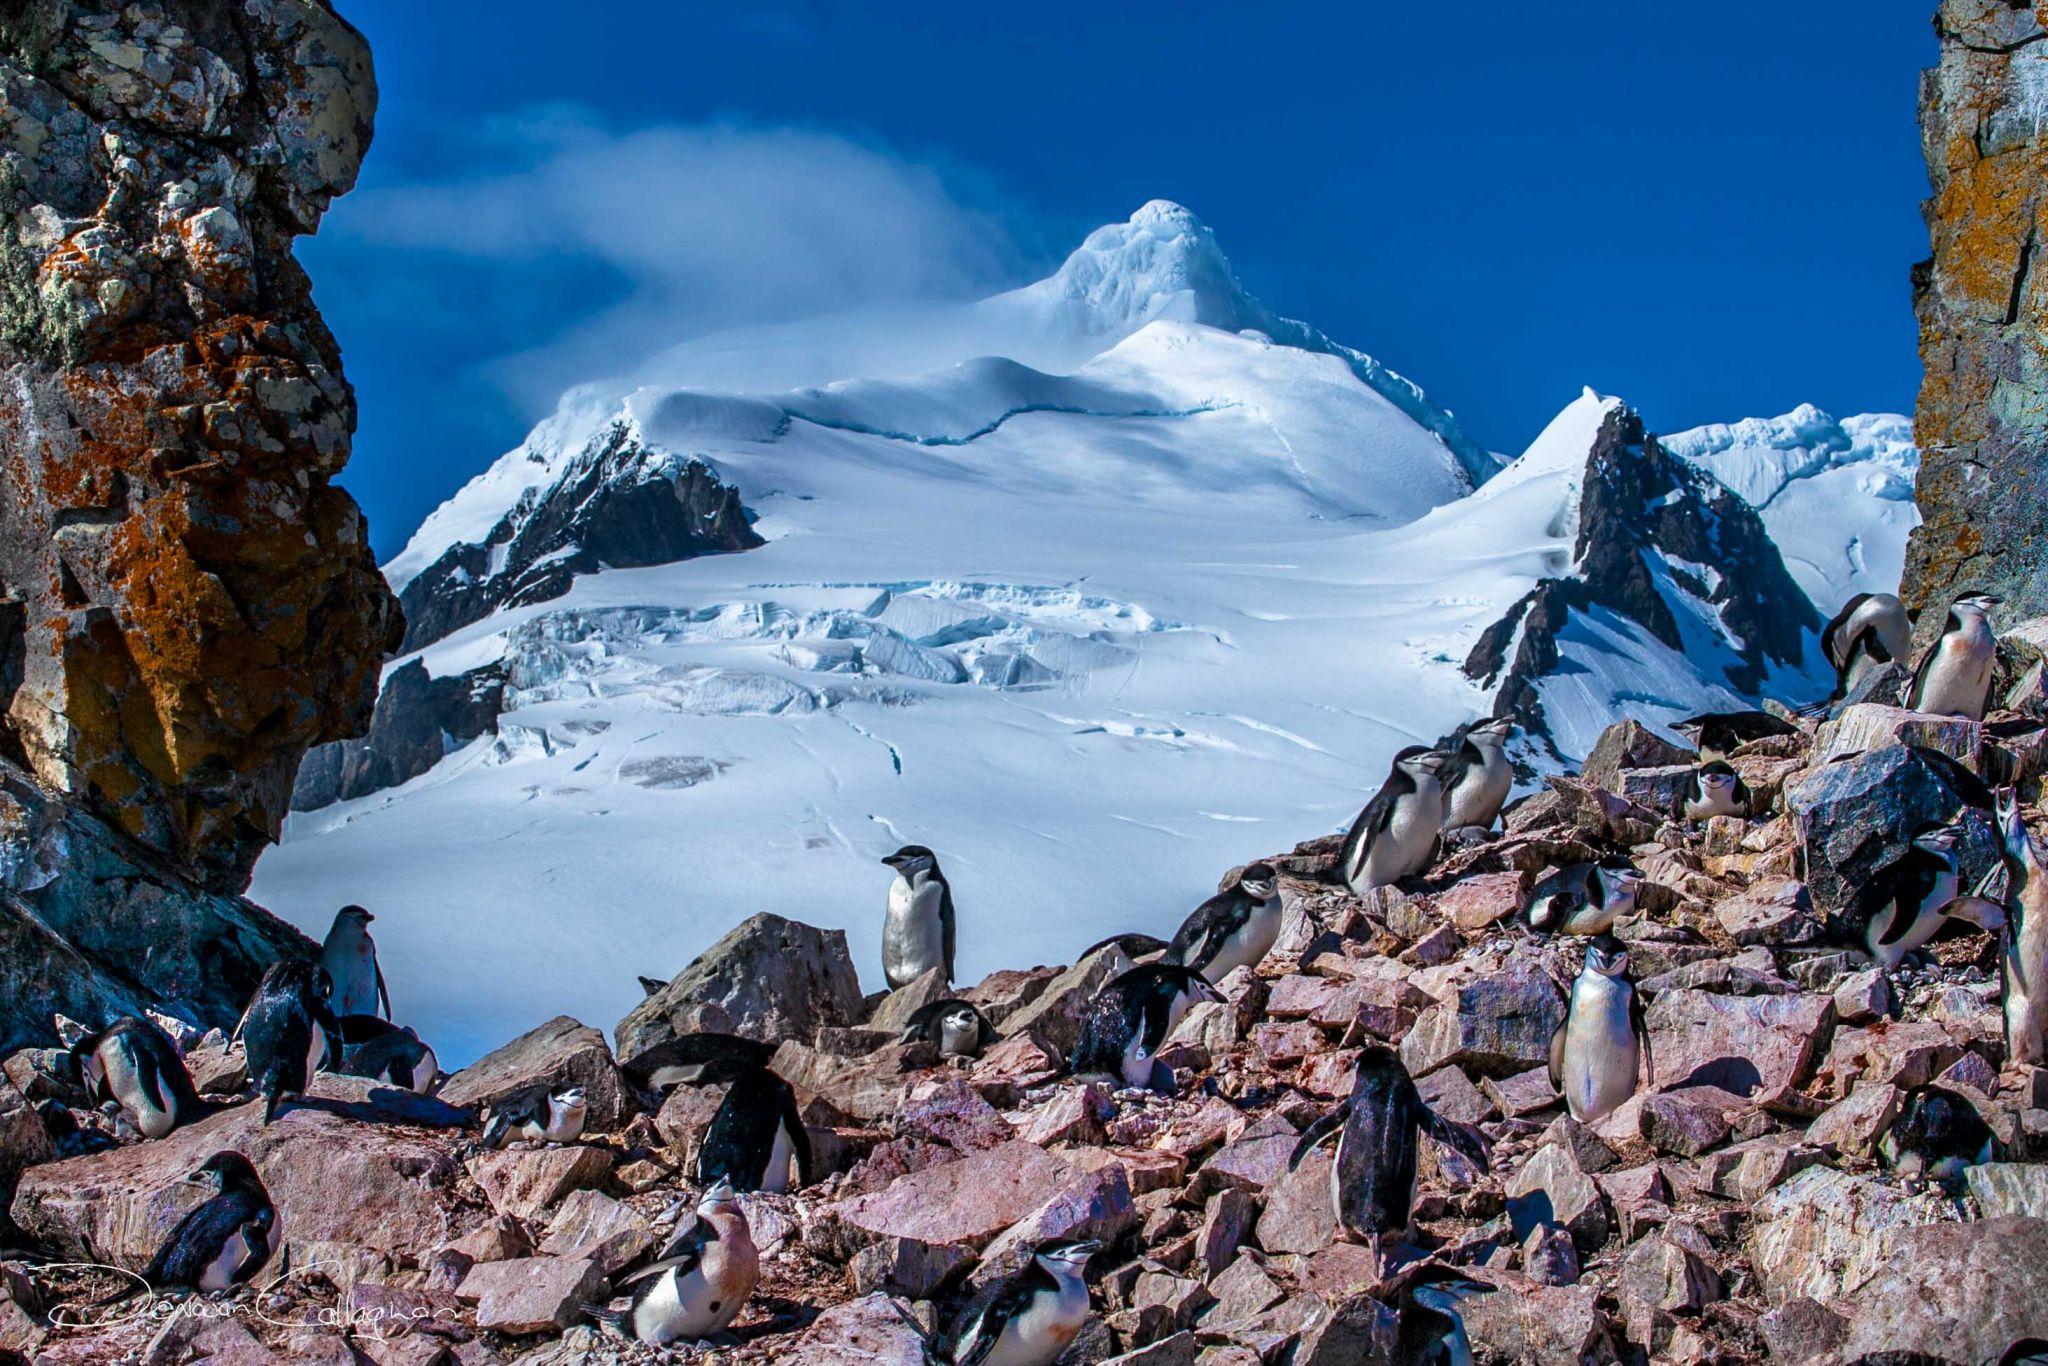 Penguins Nesting in front of Mountain Antarctica, Antarctica